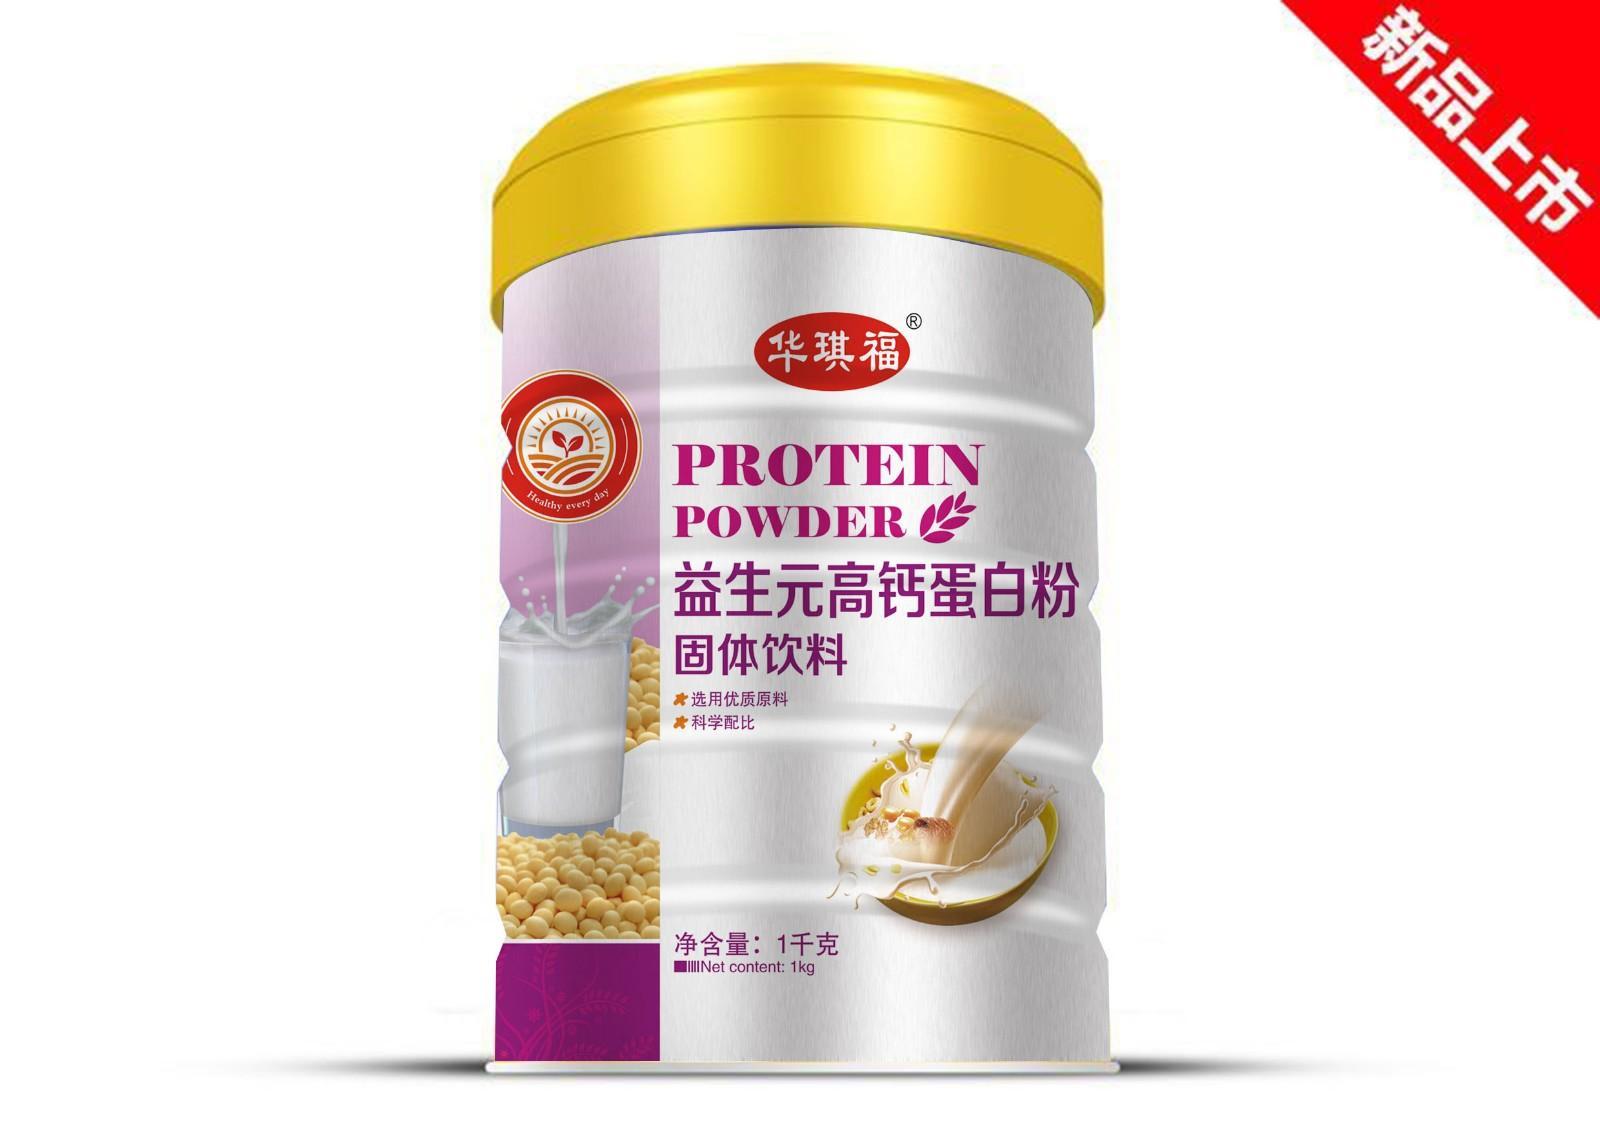 华茂-益生元高钙蛋白粉招商